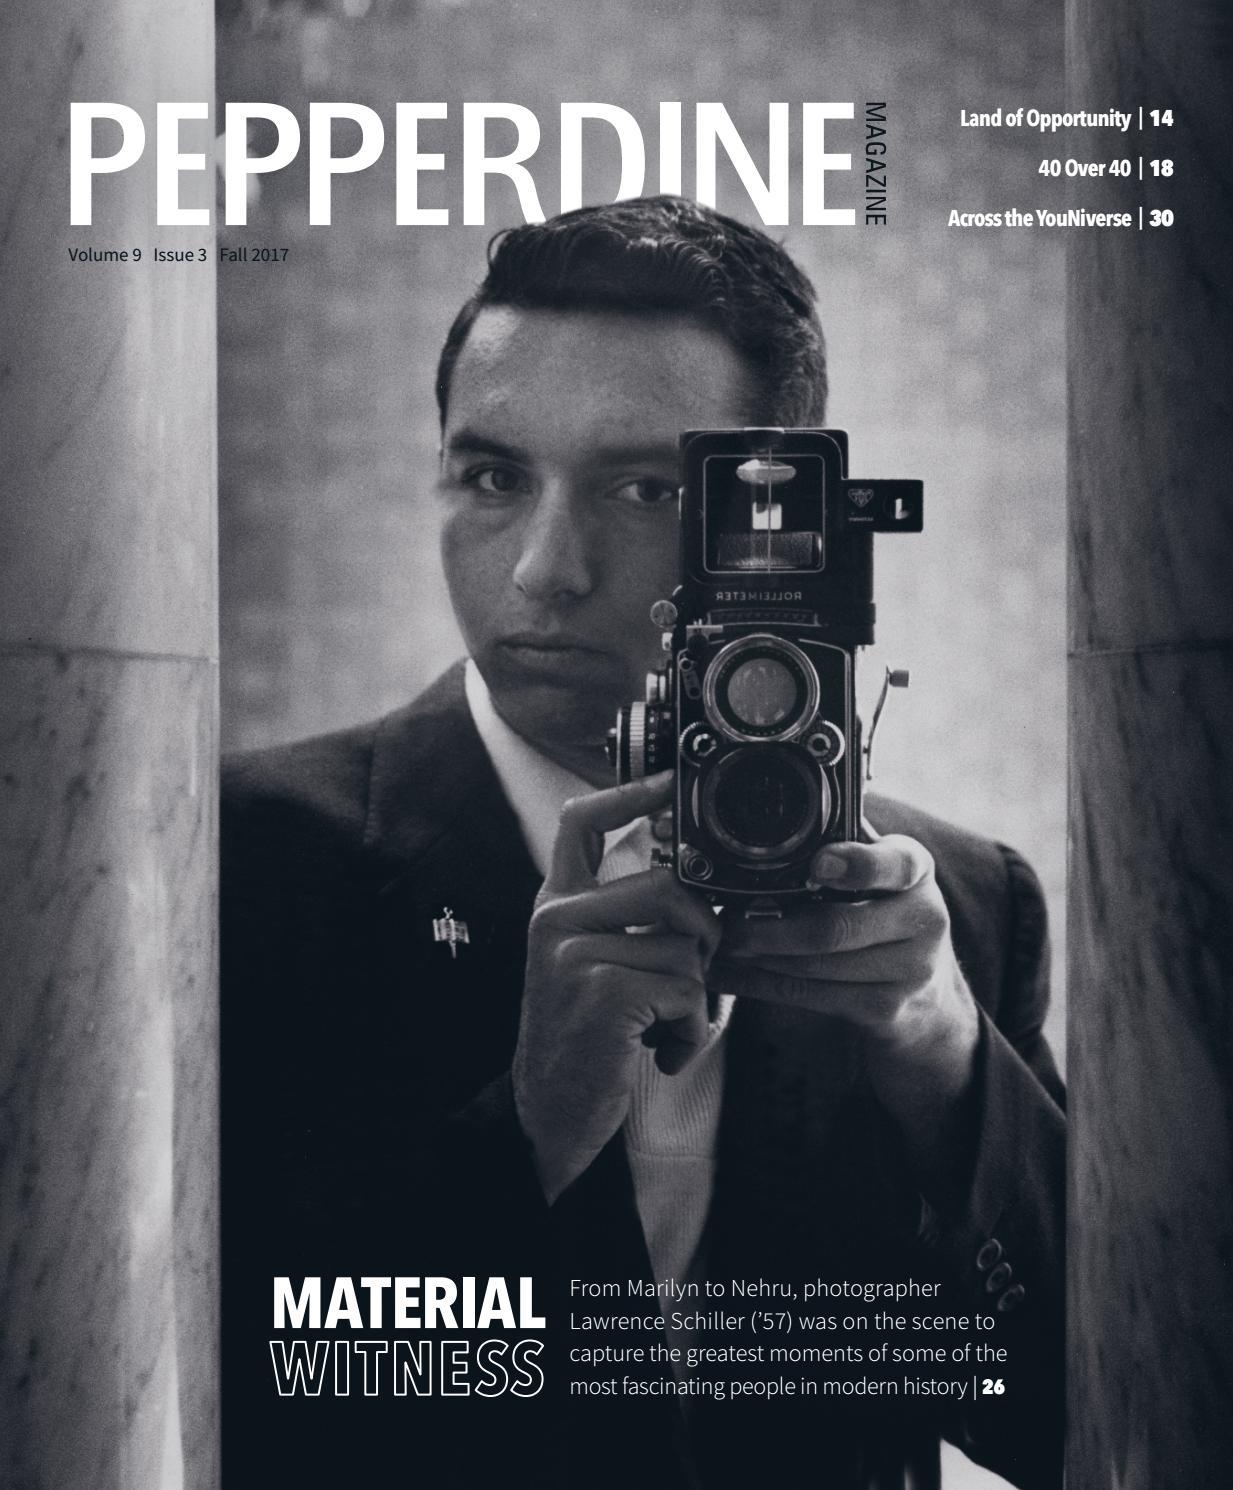 Pepperdine Magazine Vol  9, Iss  3 (Fall 2017) by Pepperdine